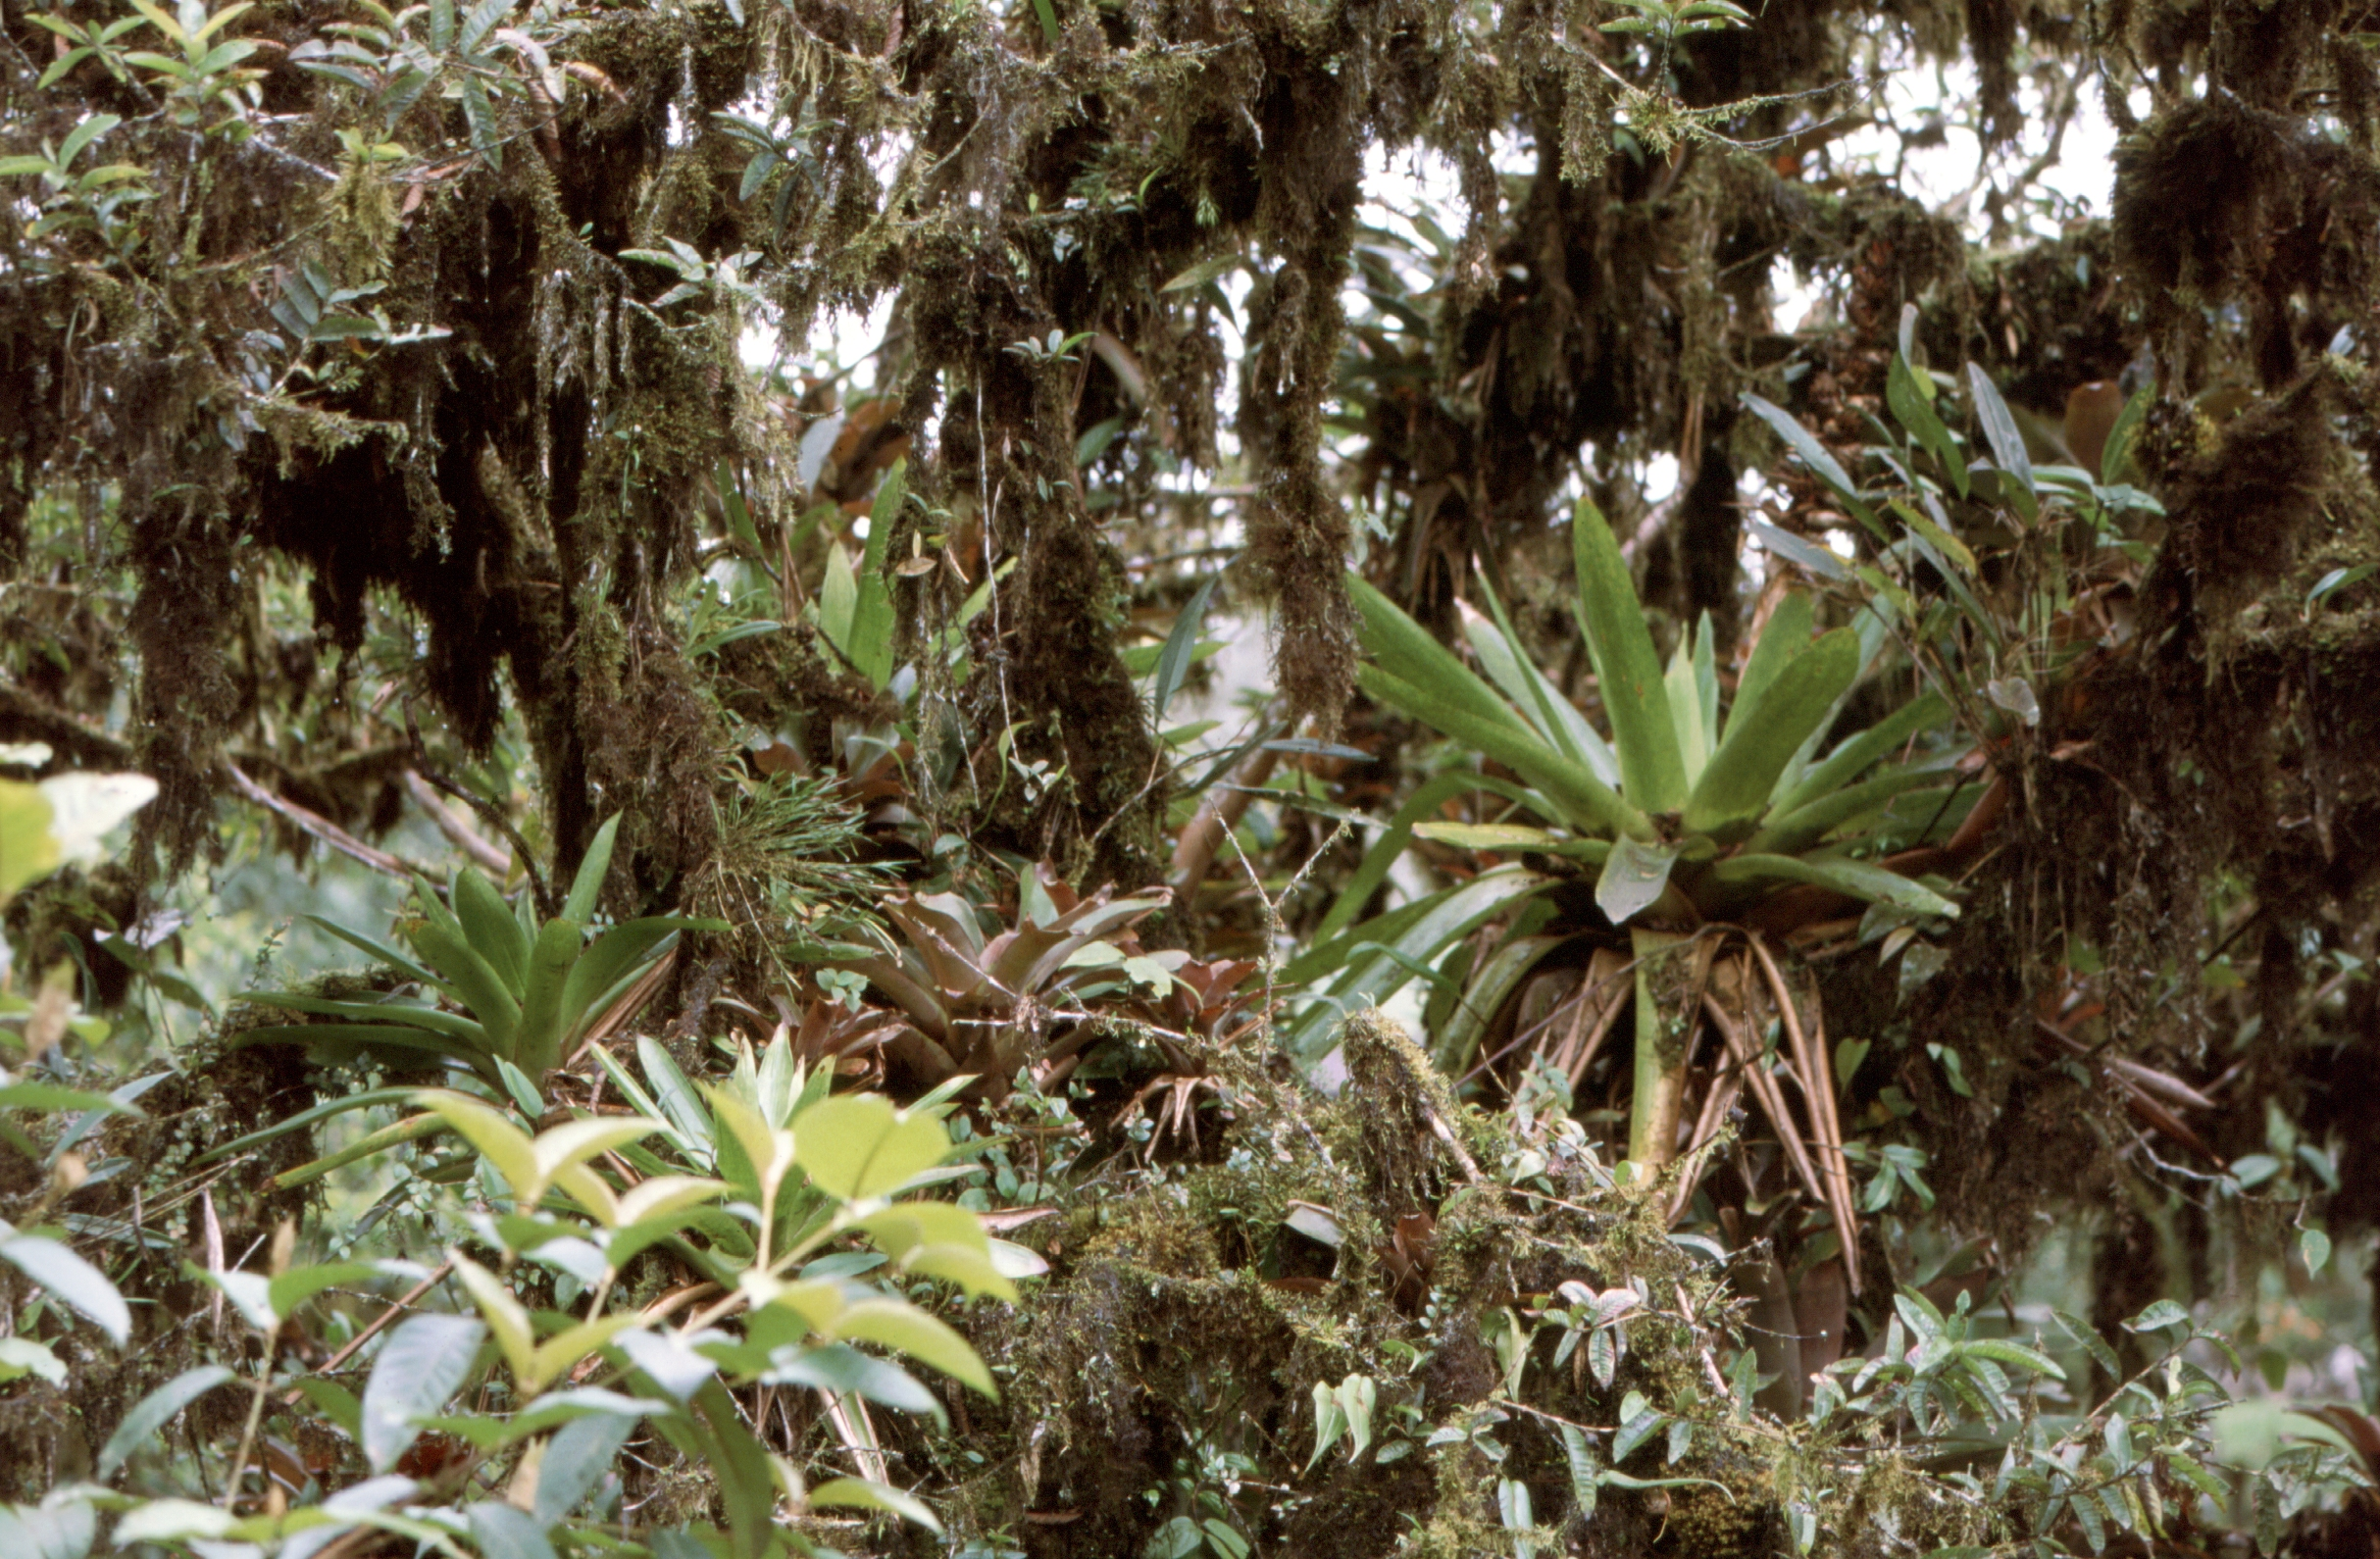 Üppiger Bewuchs mit Aufsitzerpflanzen in einem ecuadorianischen Bergregenwald